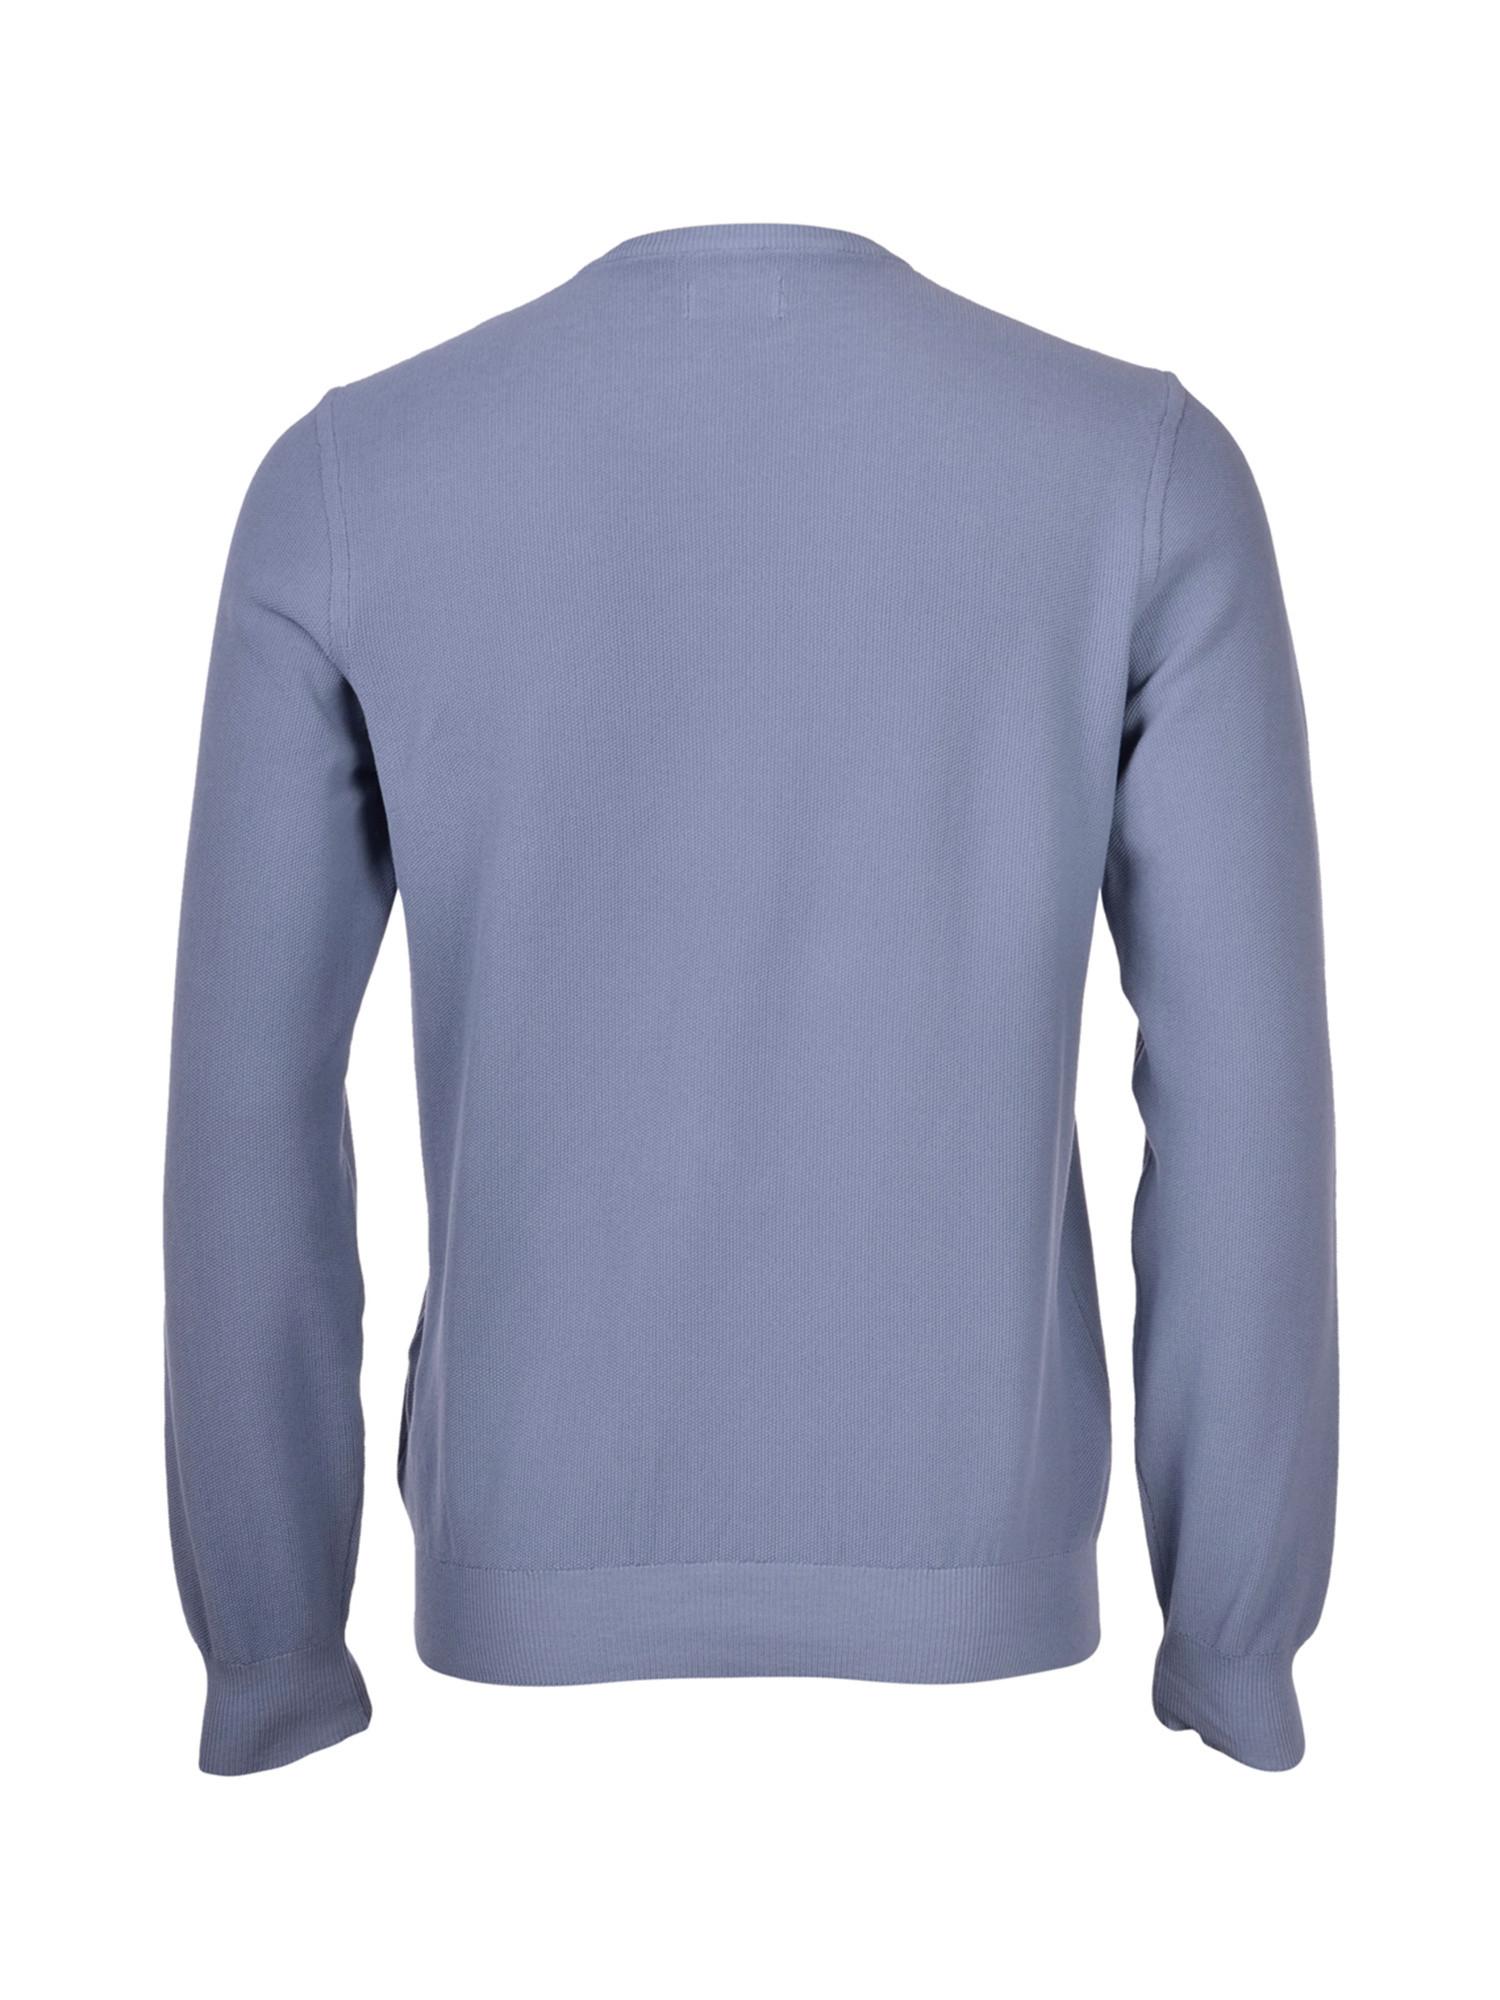 Maglia girocollo in cotone, Azzurro, large image number 1